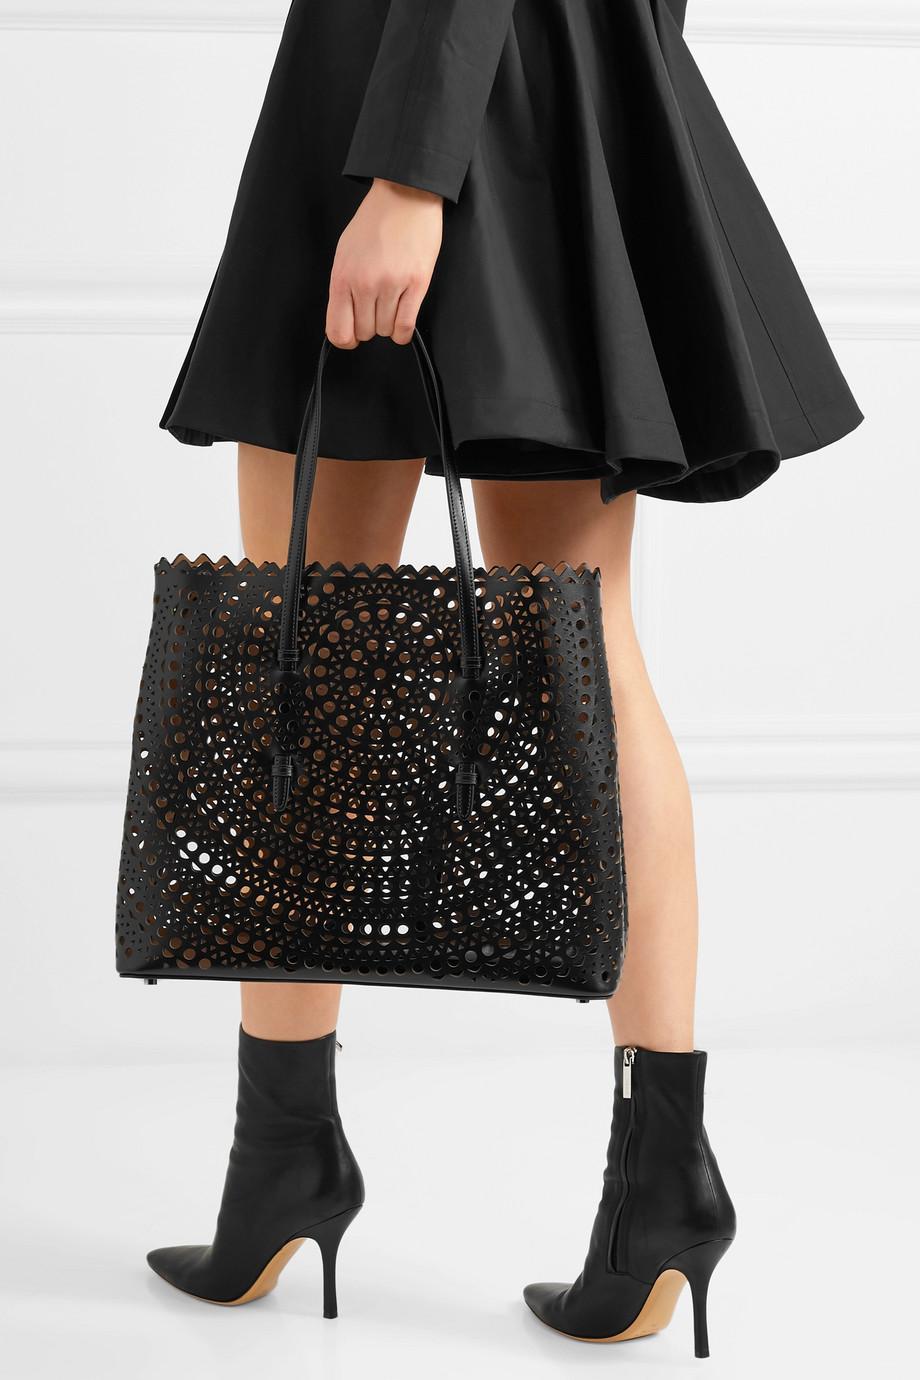 Alaïa Mina 激光雕花皮革手提包